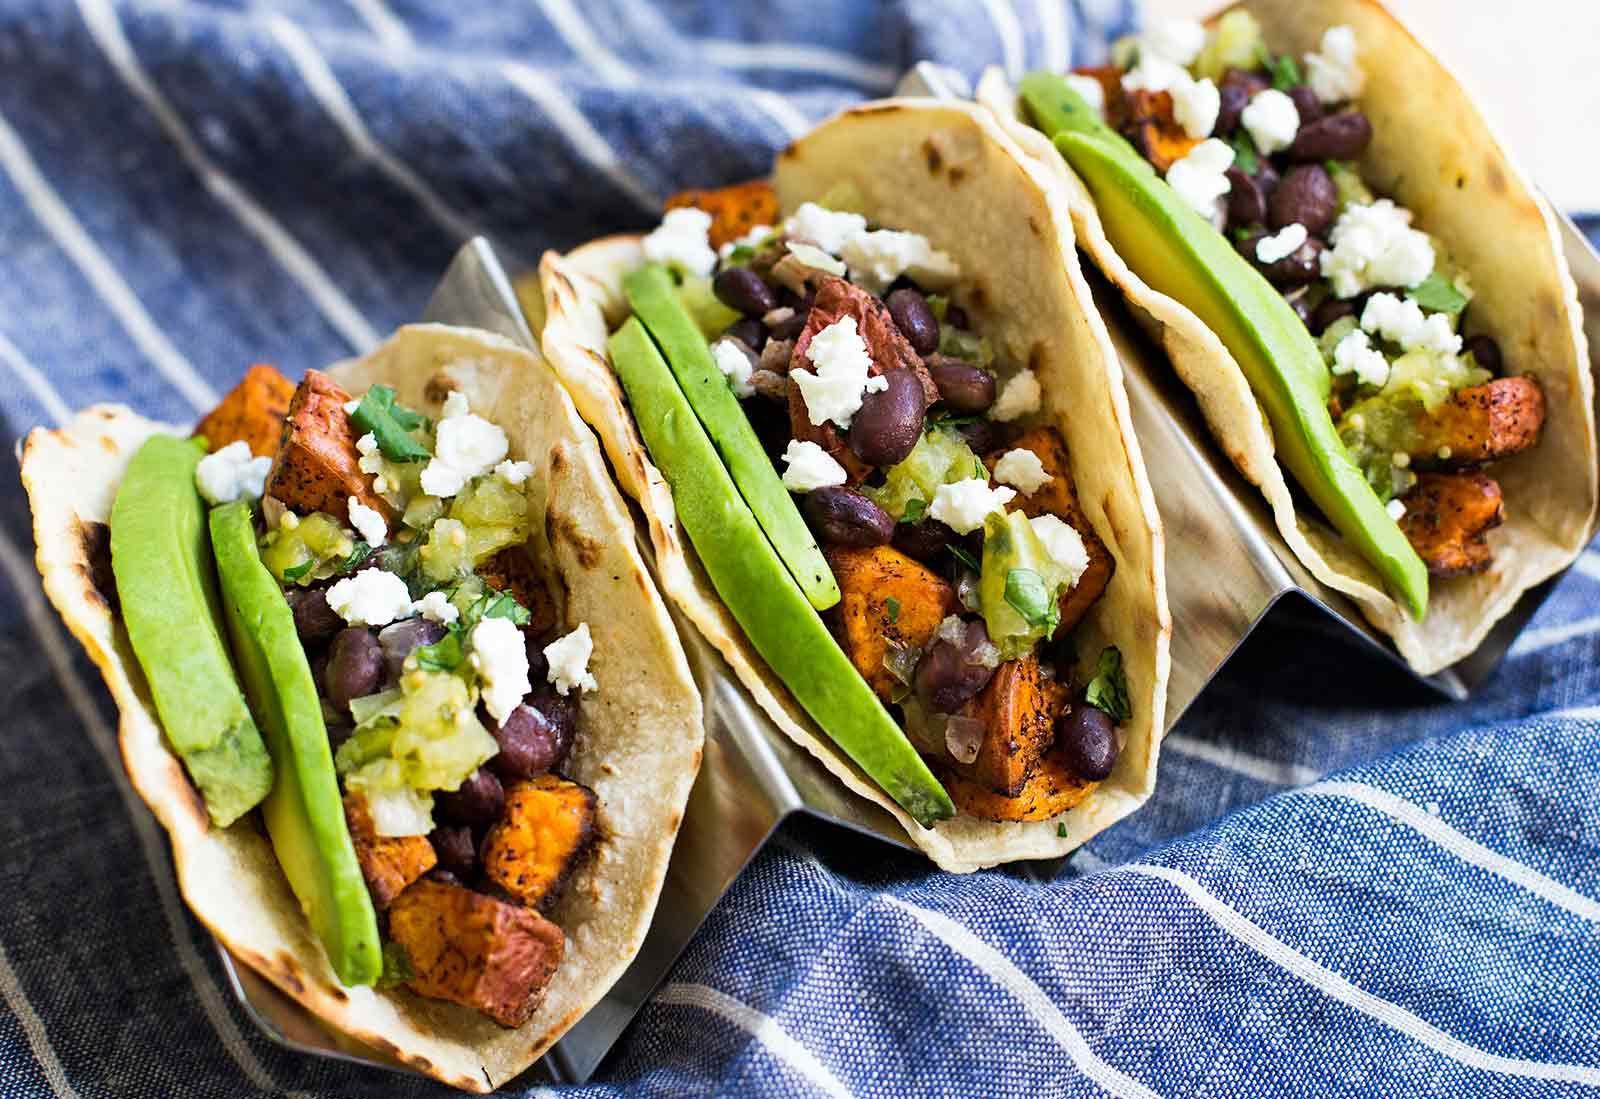 Meksika Mutfağı Sevenlere En Lezzetli Tarifler